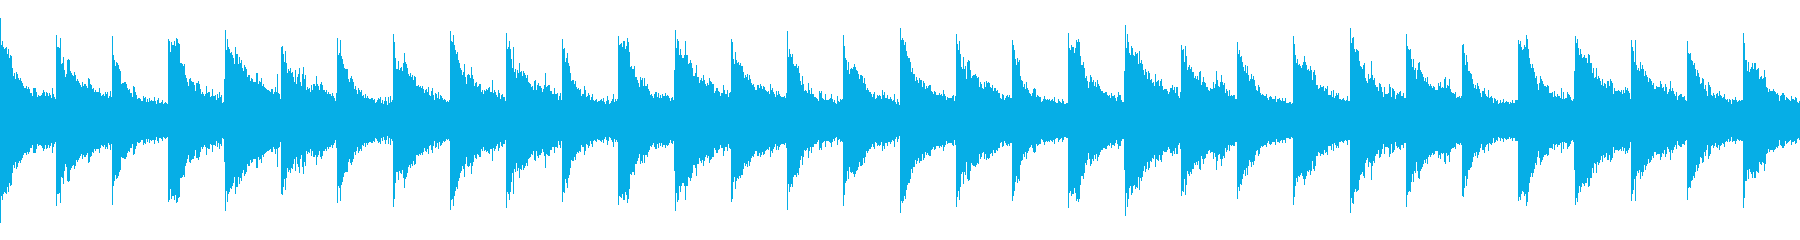 神秘的で広がりのあるアンビエント系BGMの再生済みの波形